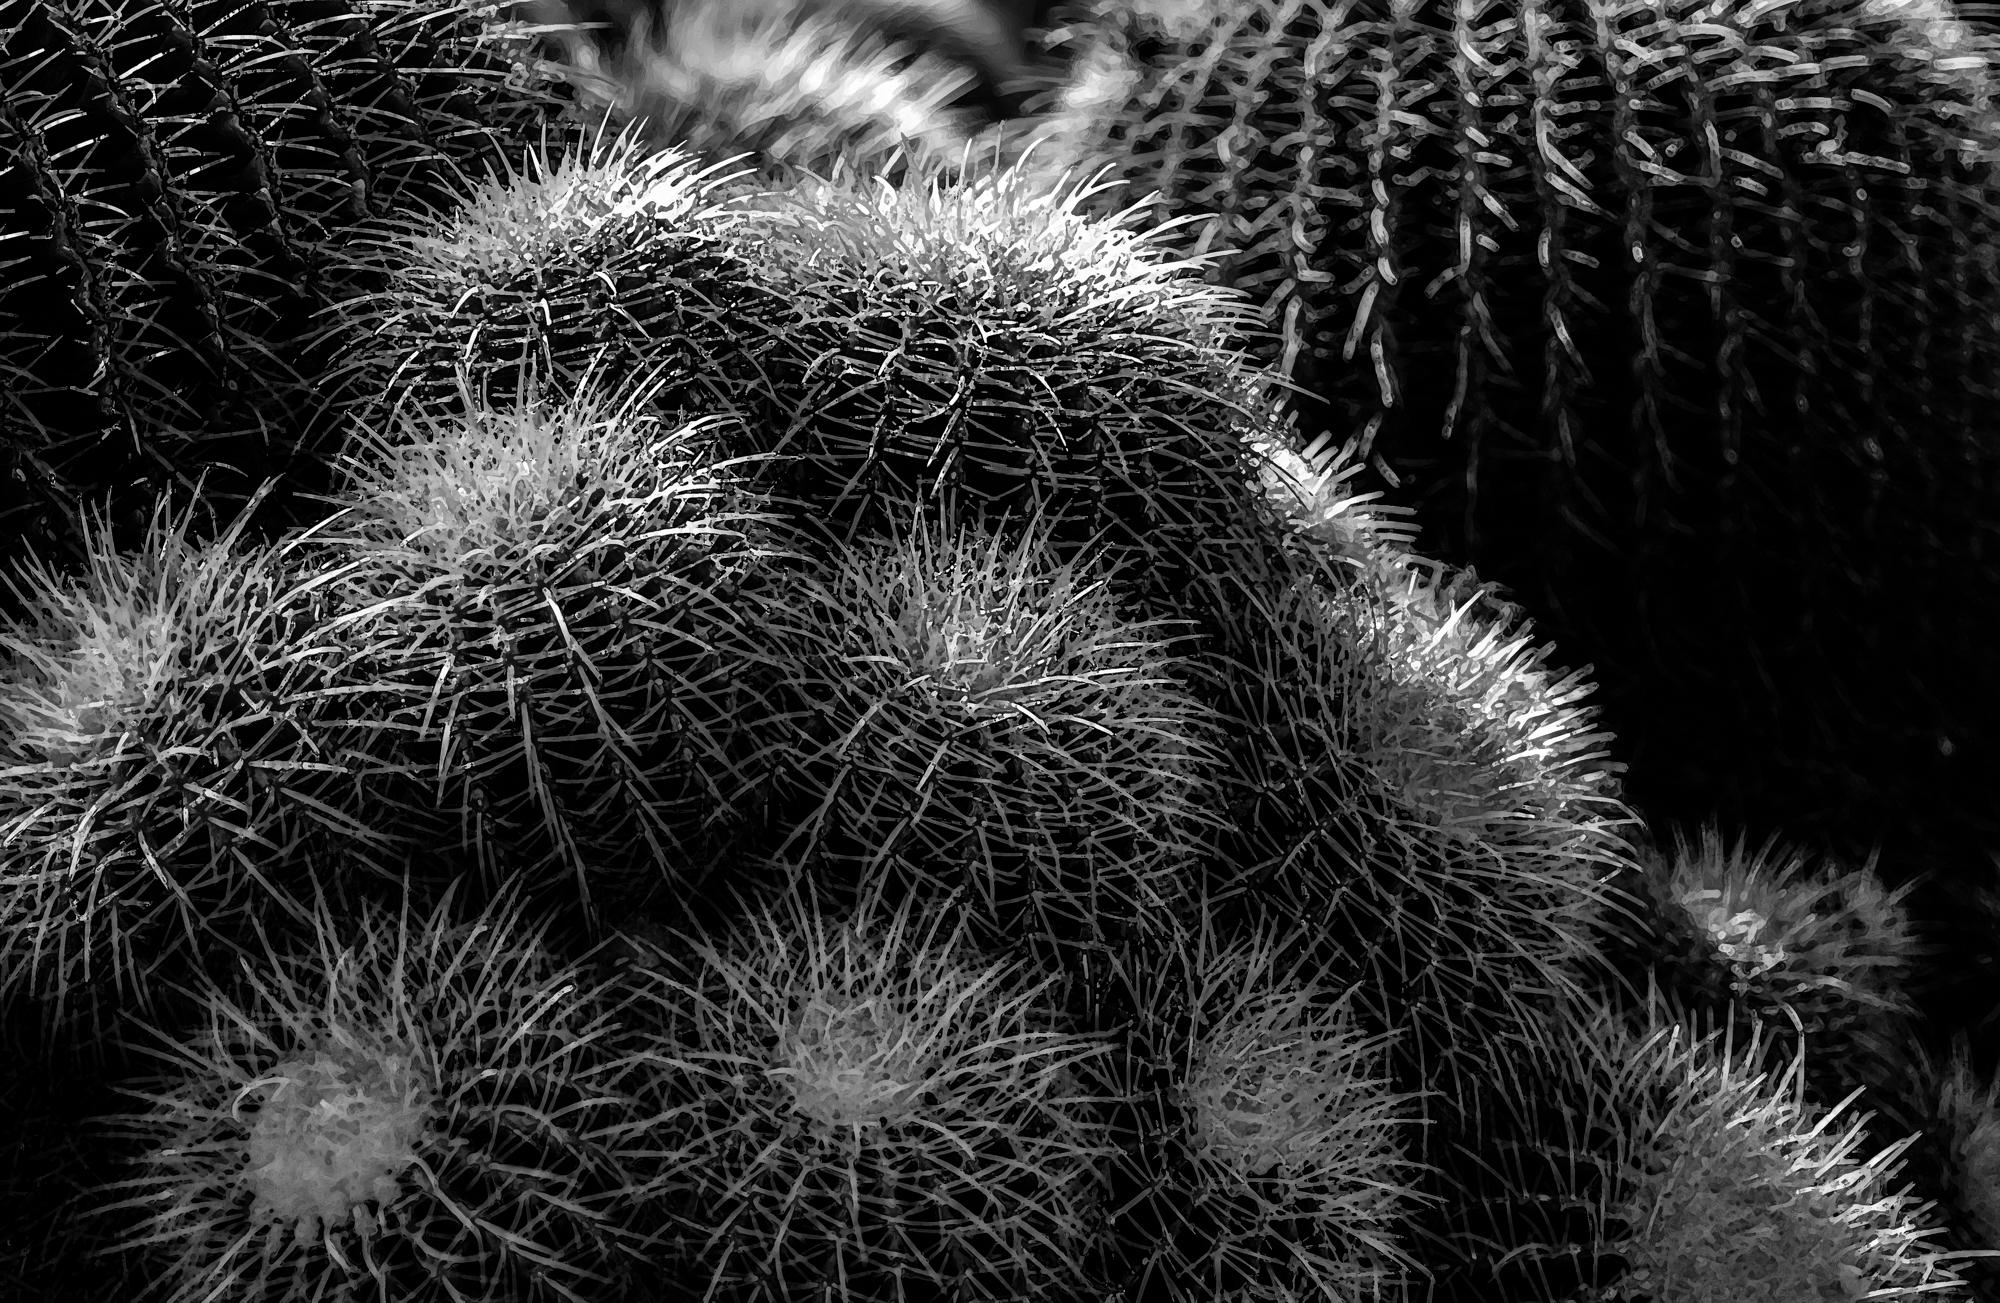 Baby Barrels-Cactus